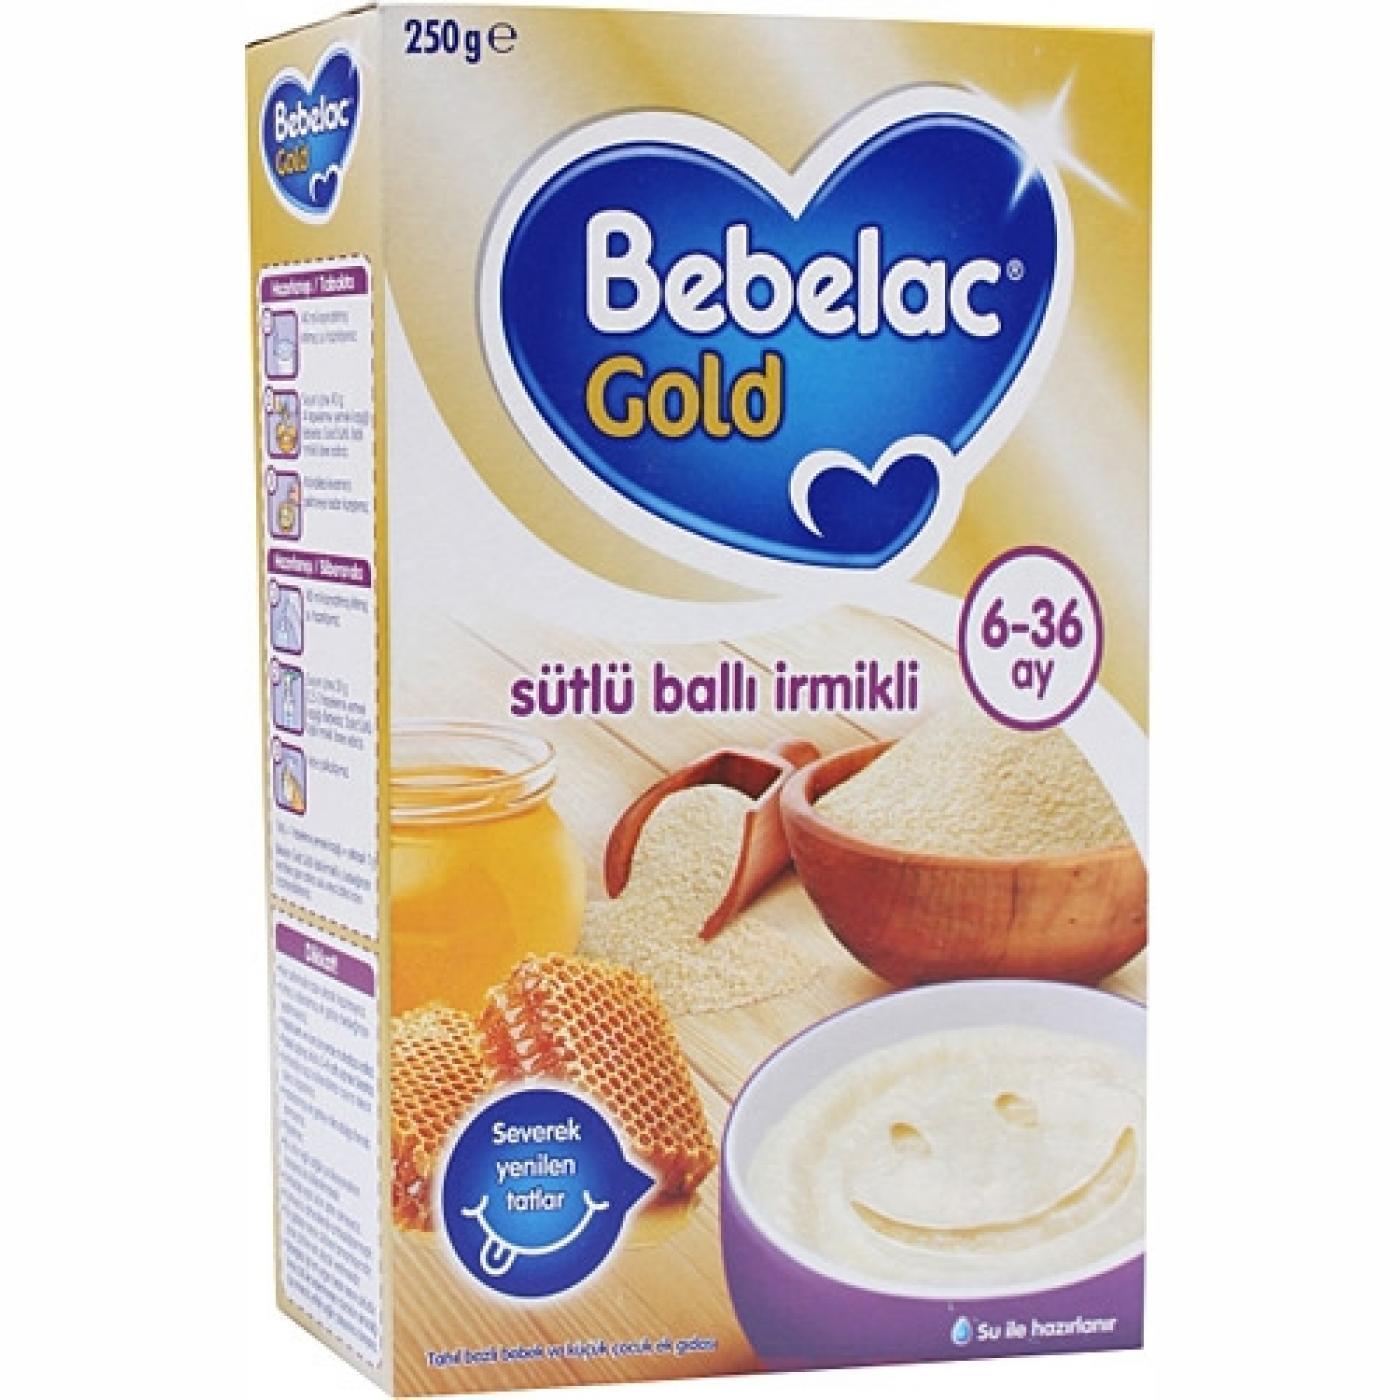 BEBELAC GOLD 250GR SÜTLÜ BALLI İRMİKLİ